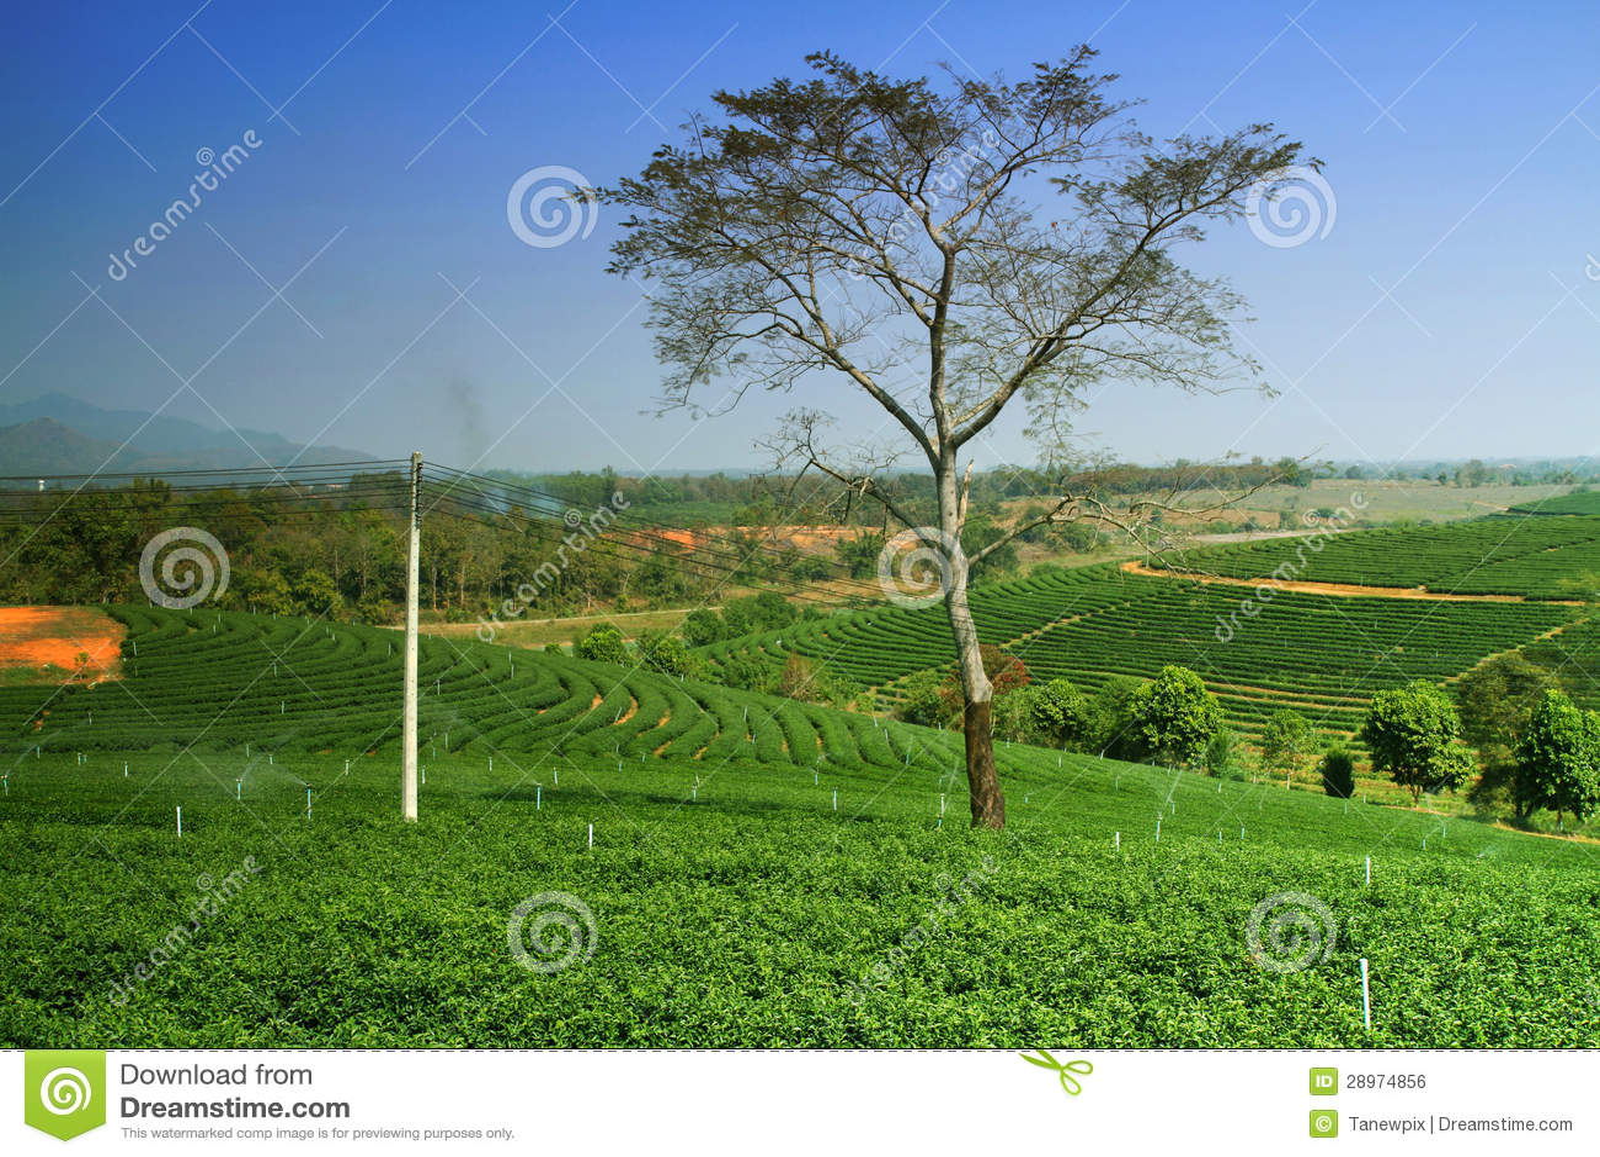 Herbaciana plantacja w średniogórzu